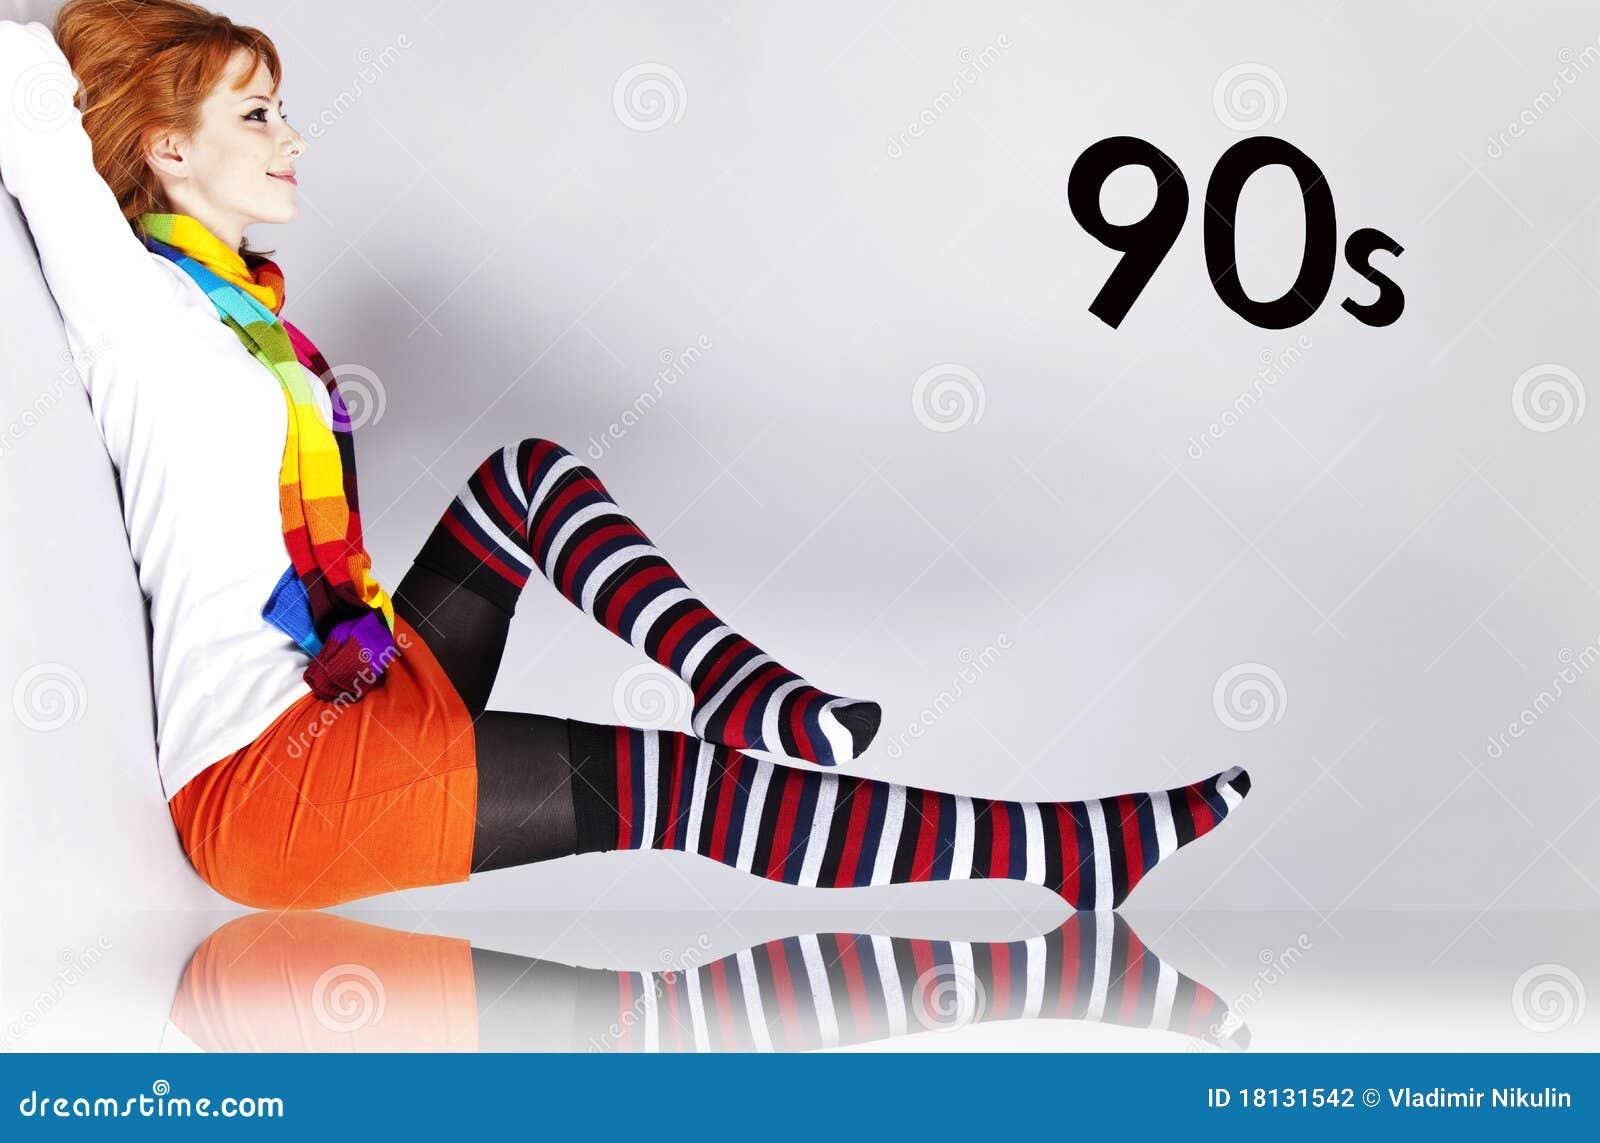 тип девушки цвета 90s с волосами красный